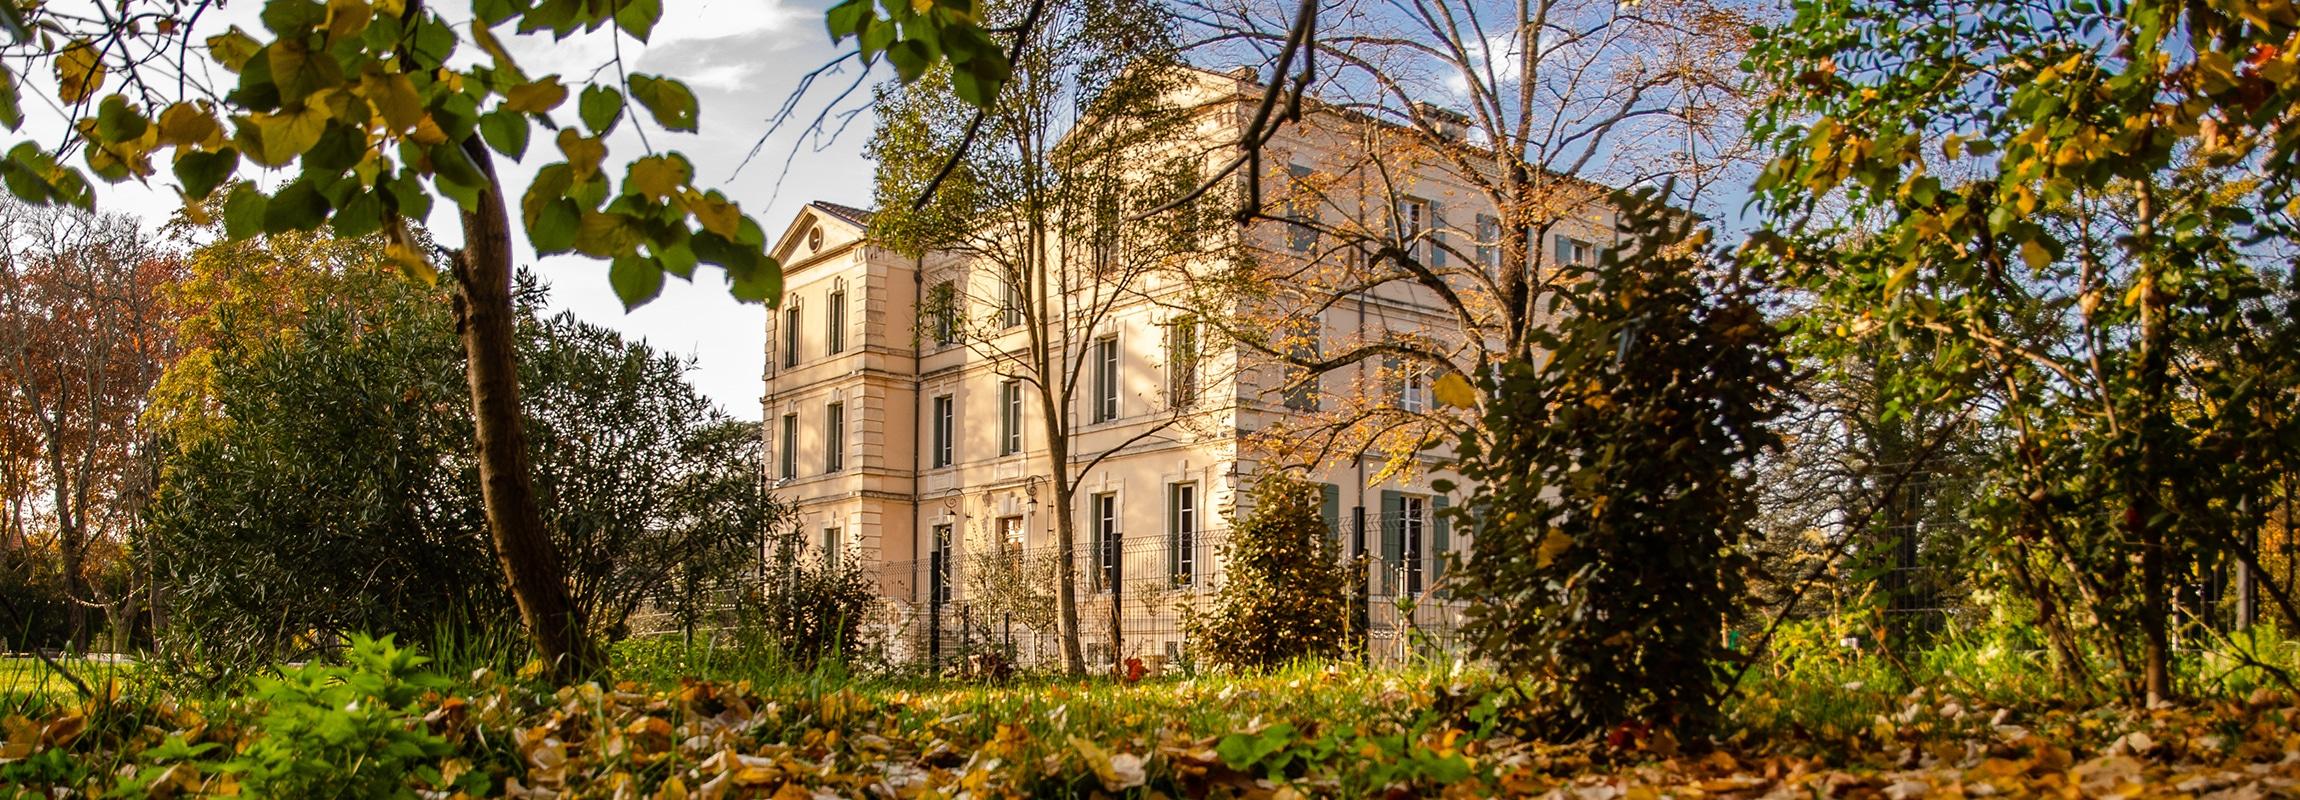 Automne au Château de Montcaud